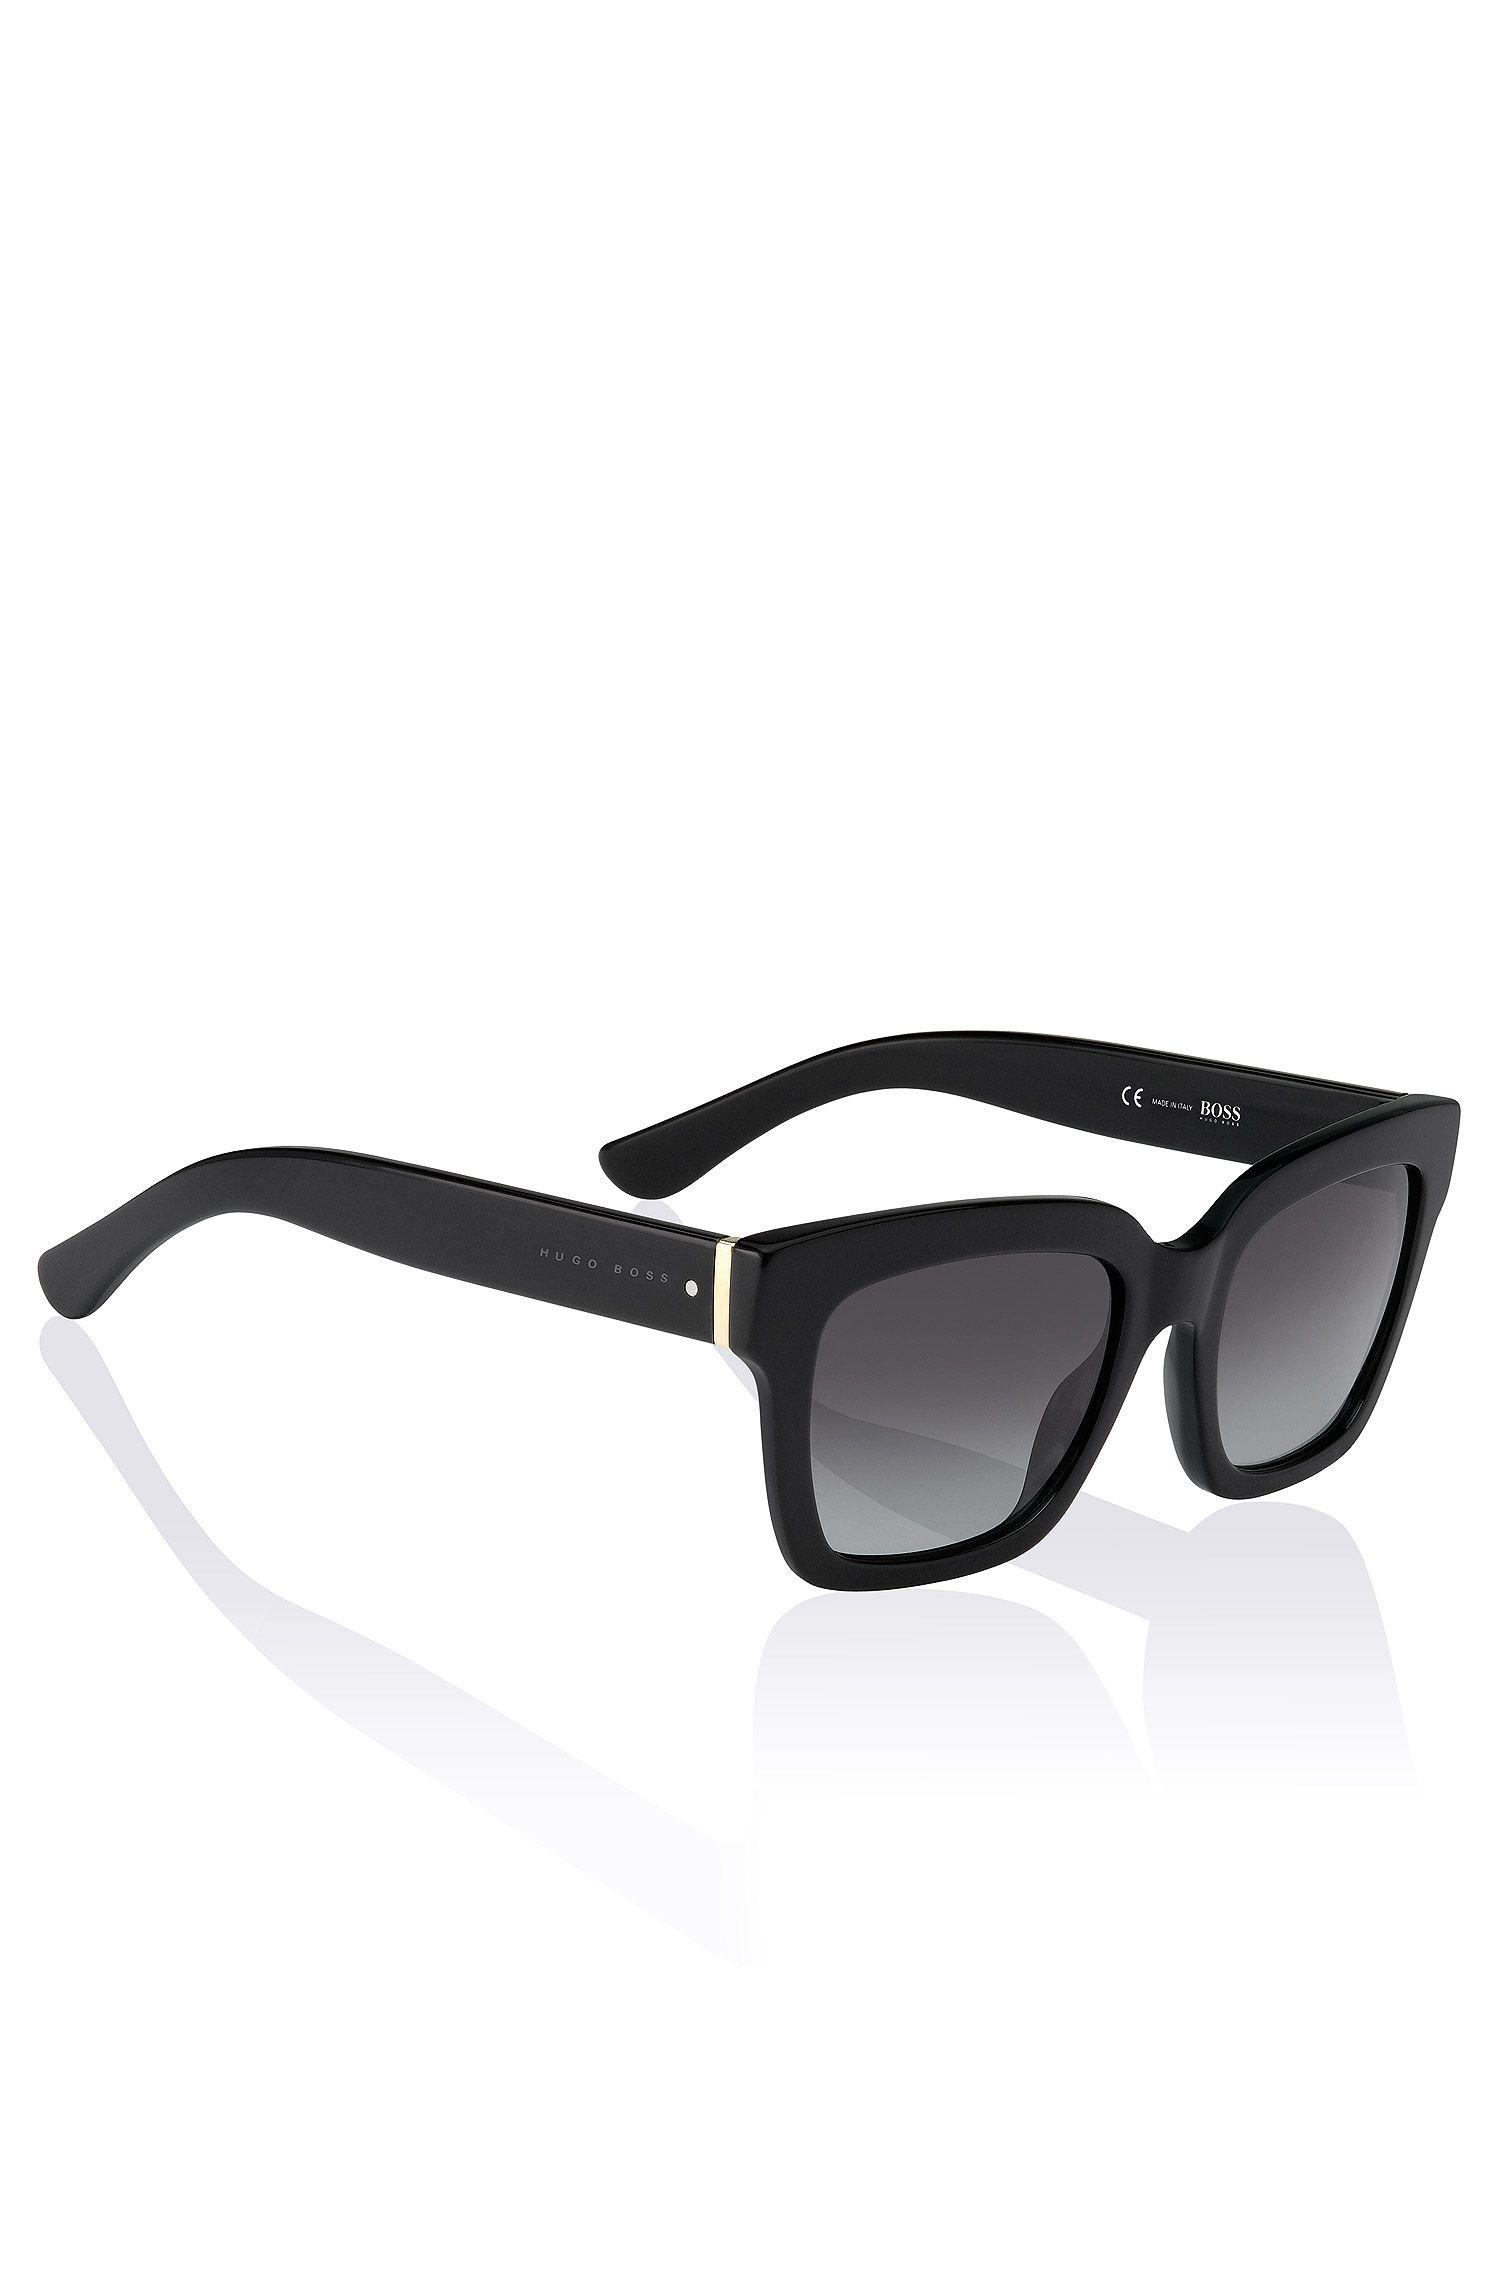 Wayfarer-Sonnenbrille ´BOSS 0674` aus Acetat und Metall